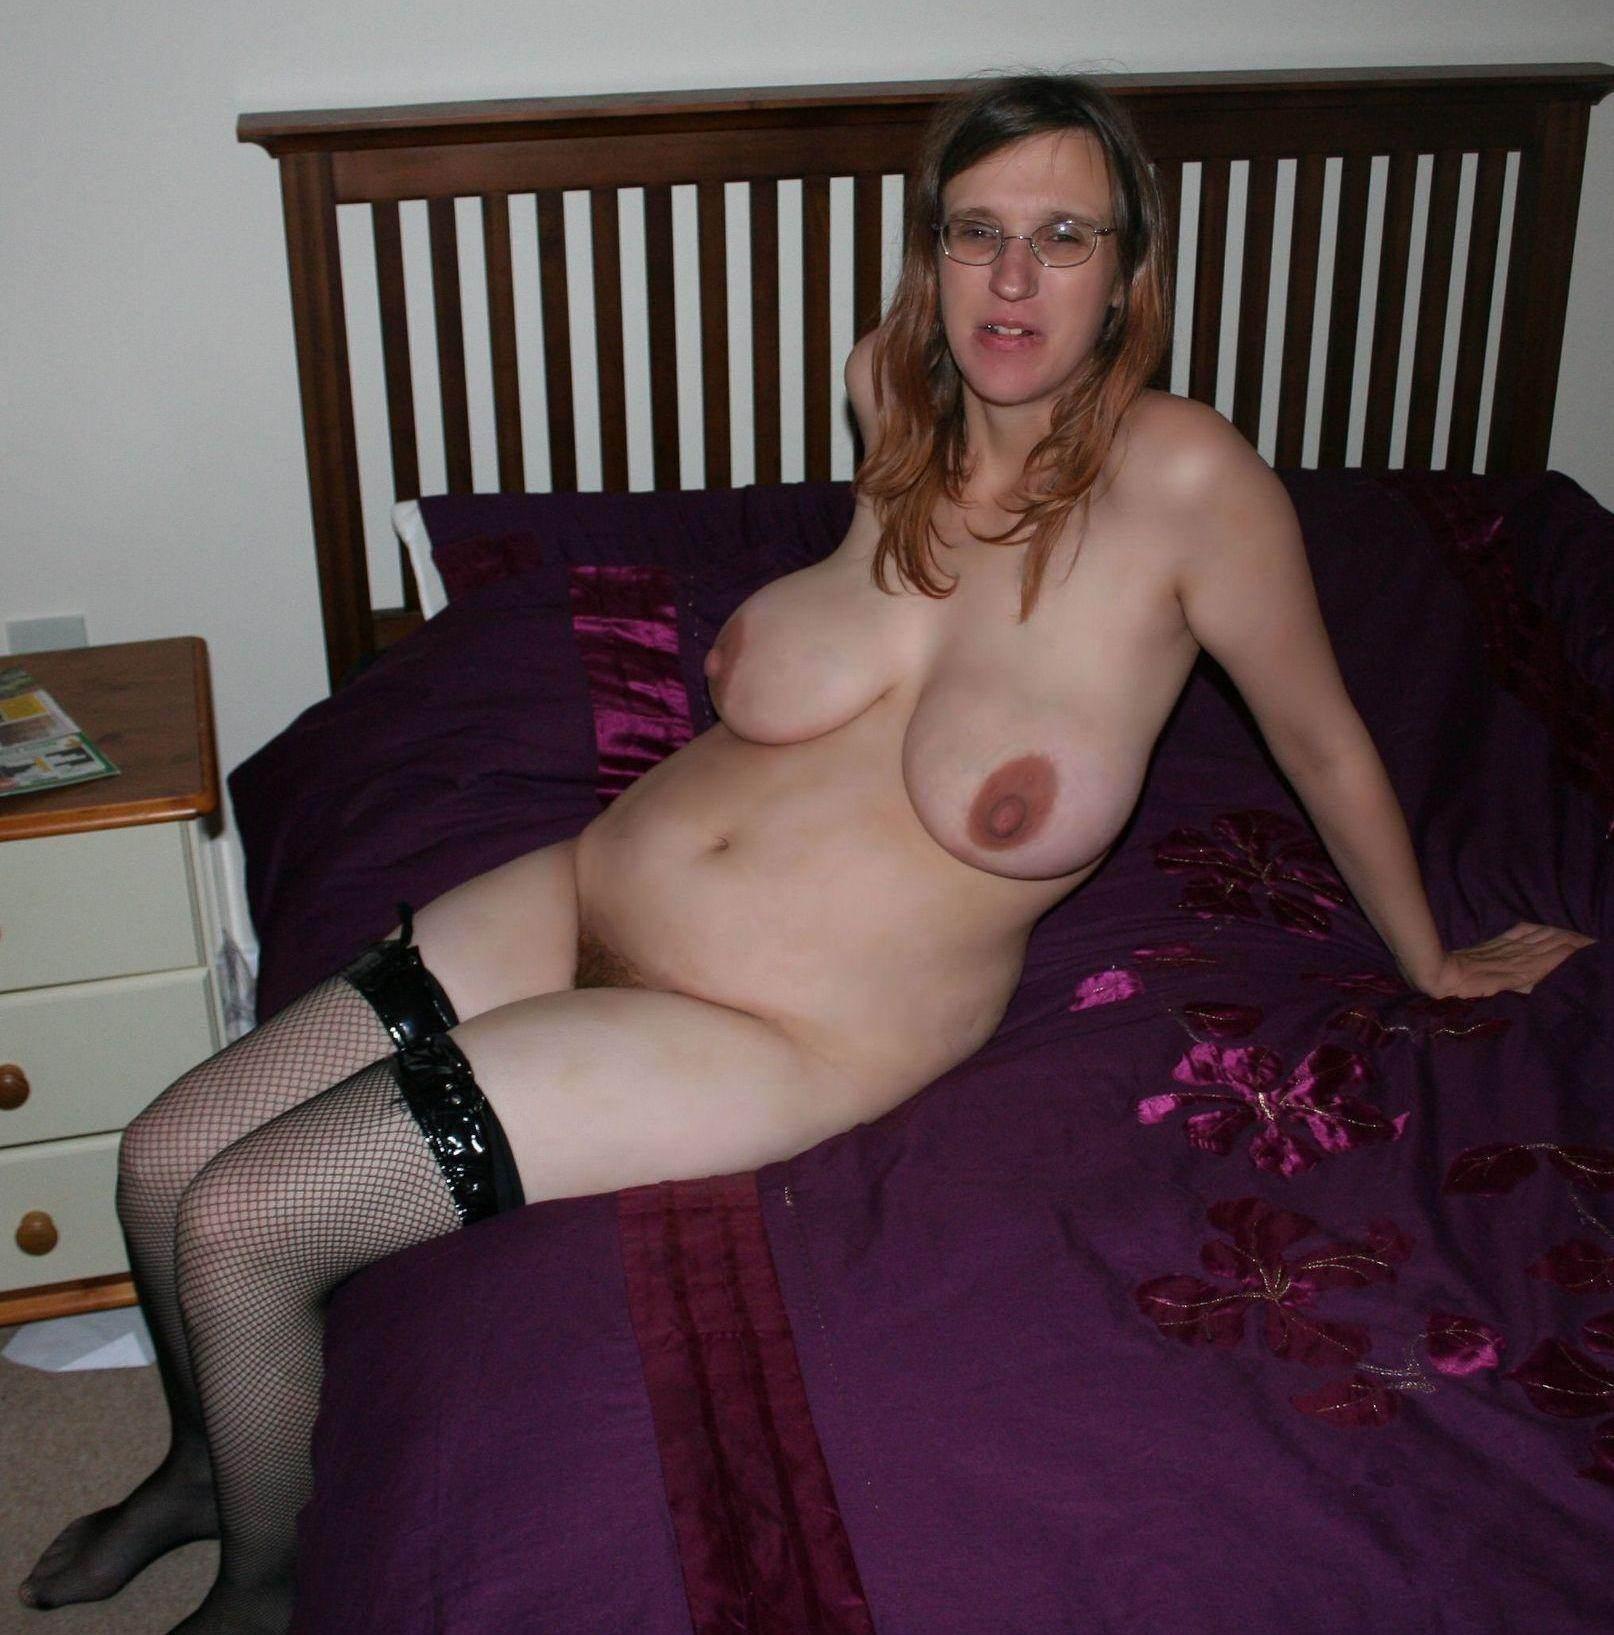 Image 2: Les nouvelles photos de femme moche nue